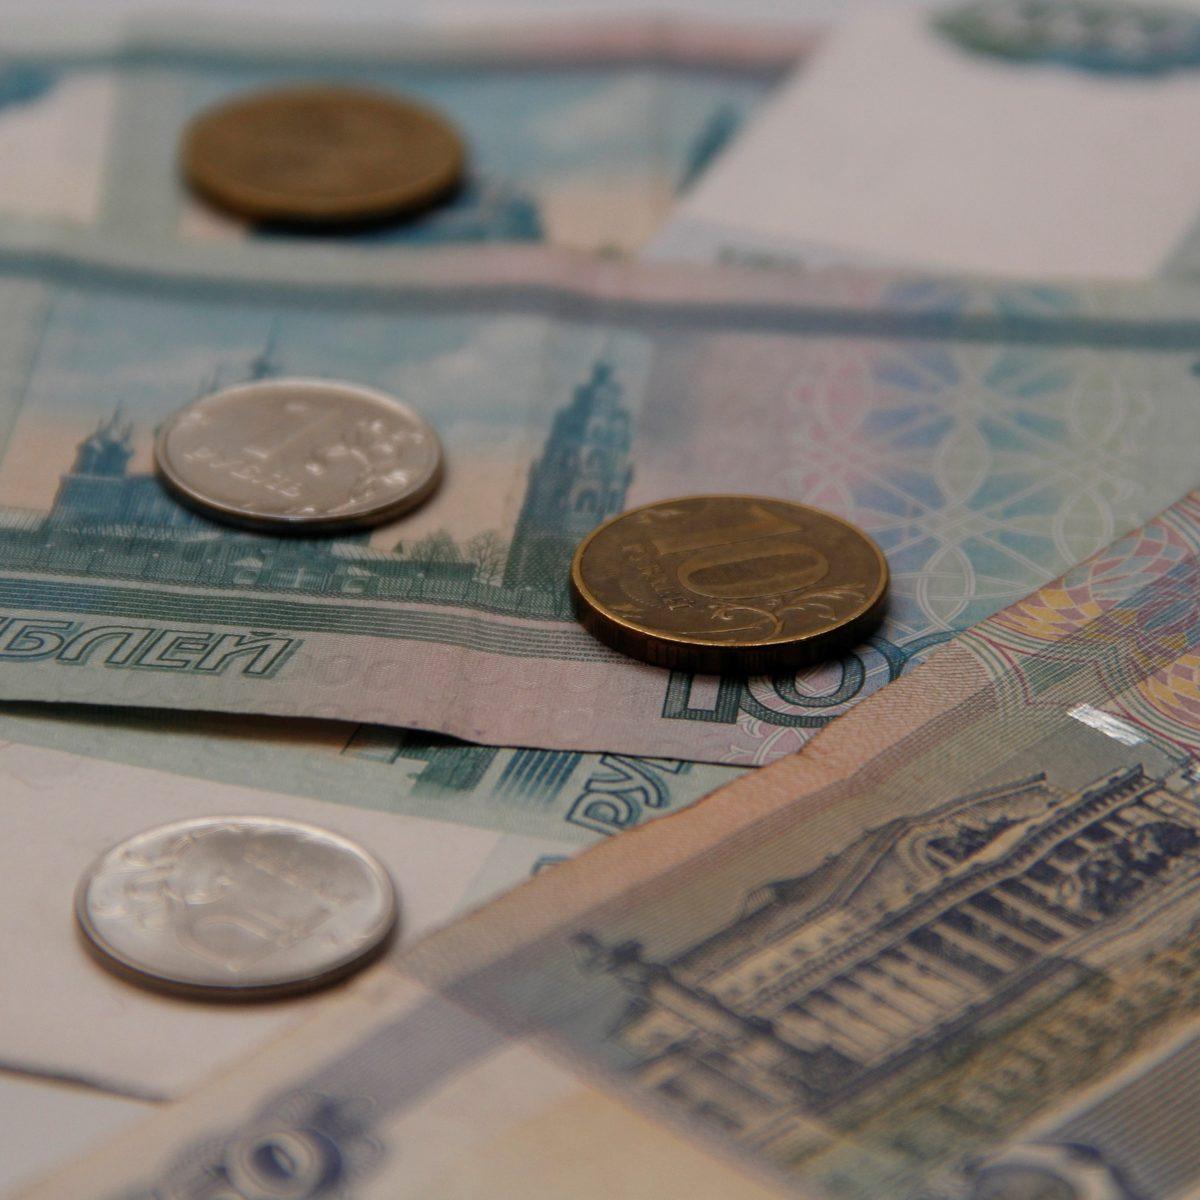 Деньги в долг под залог недвижимости пенза део матиз москва автосалоны